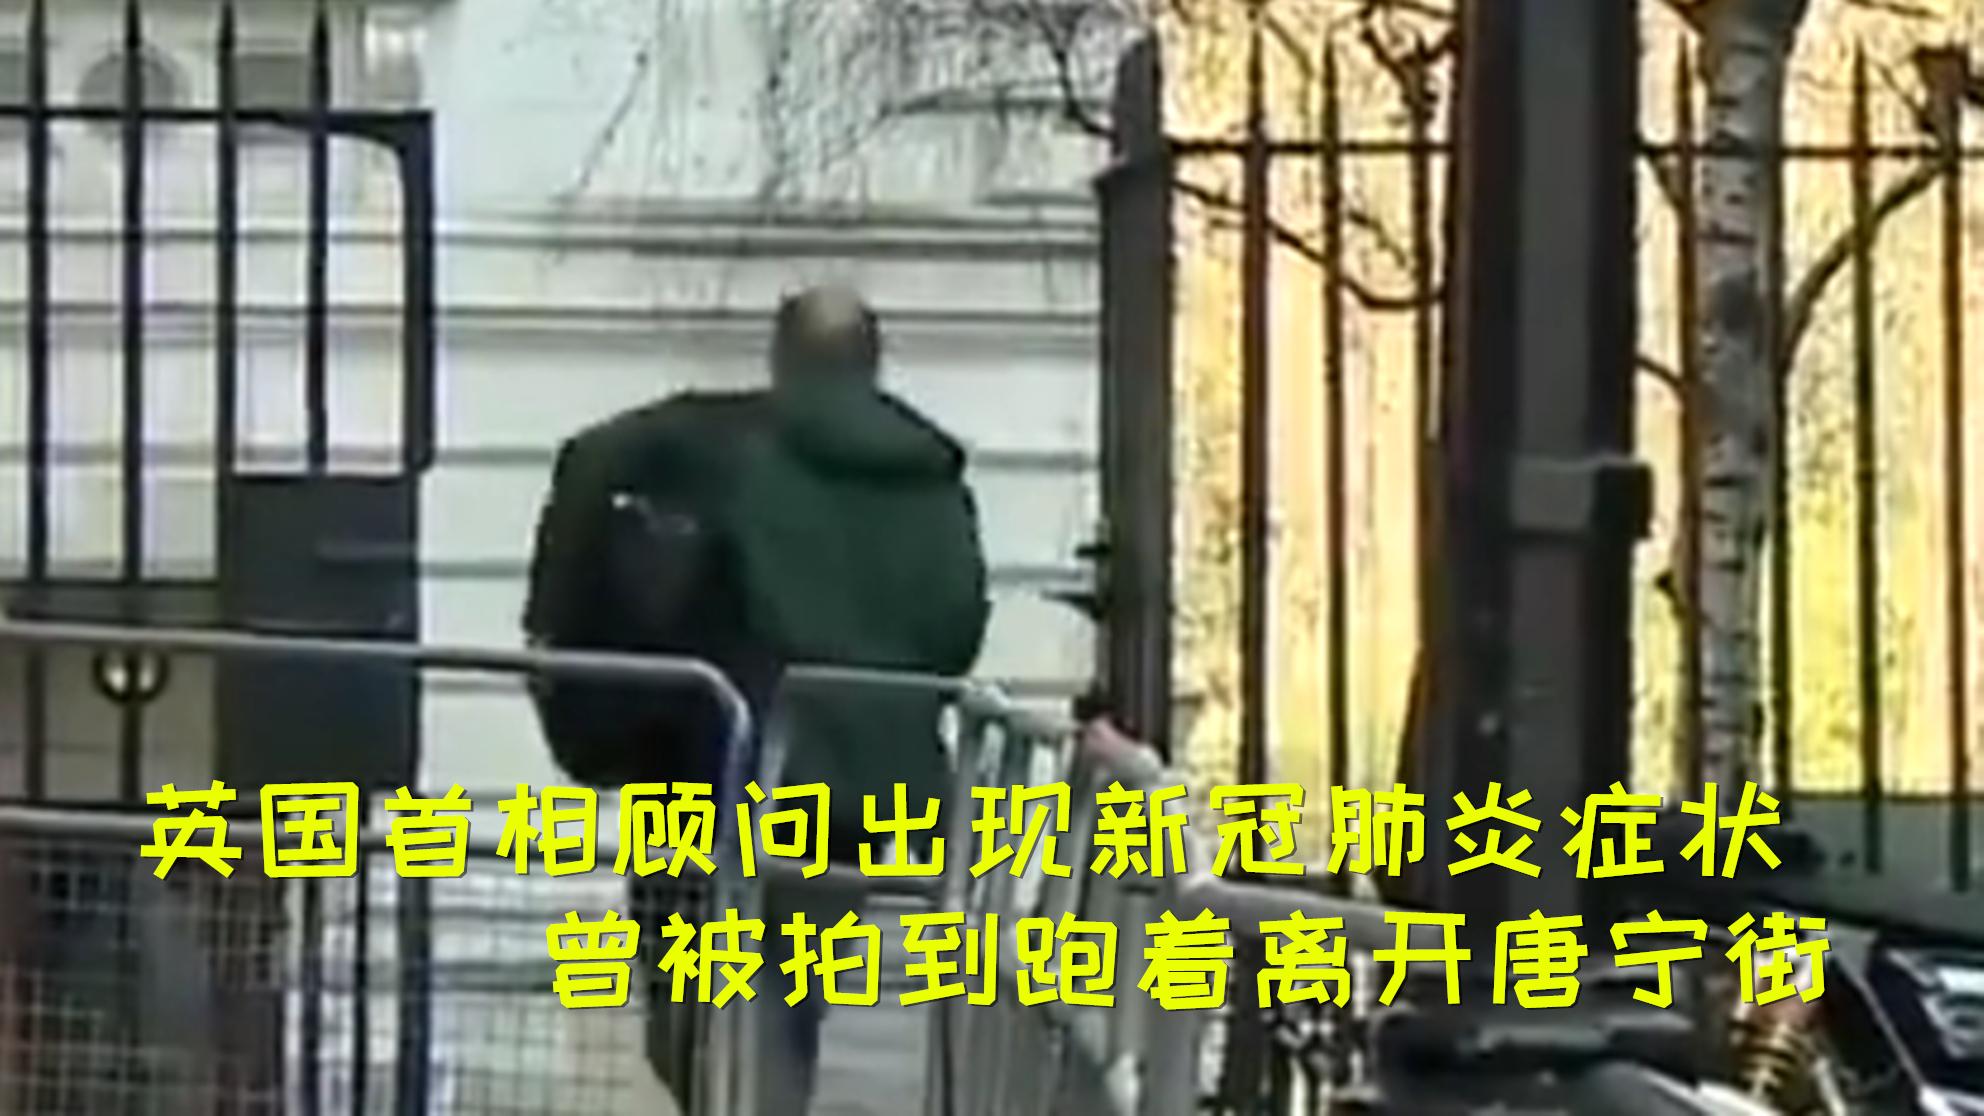 英国首相顾问出现新冠肺炎症状 曾被拍到跑着离开唐宁街